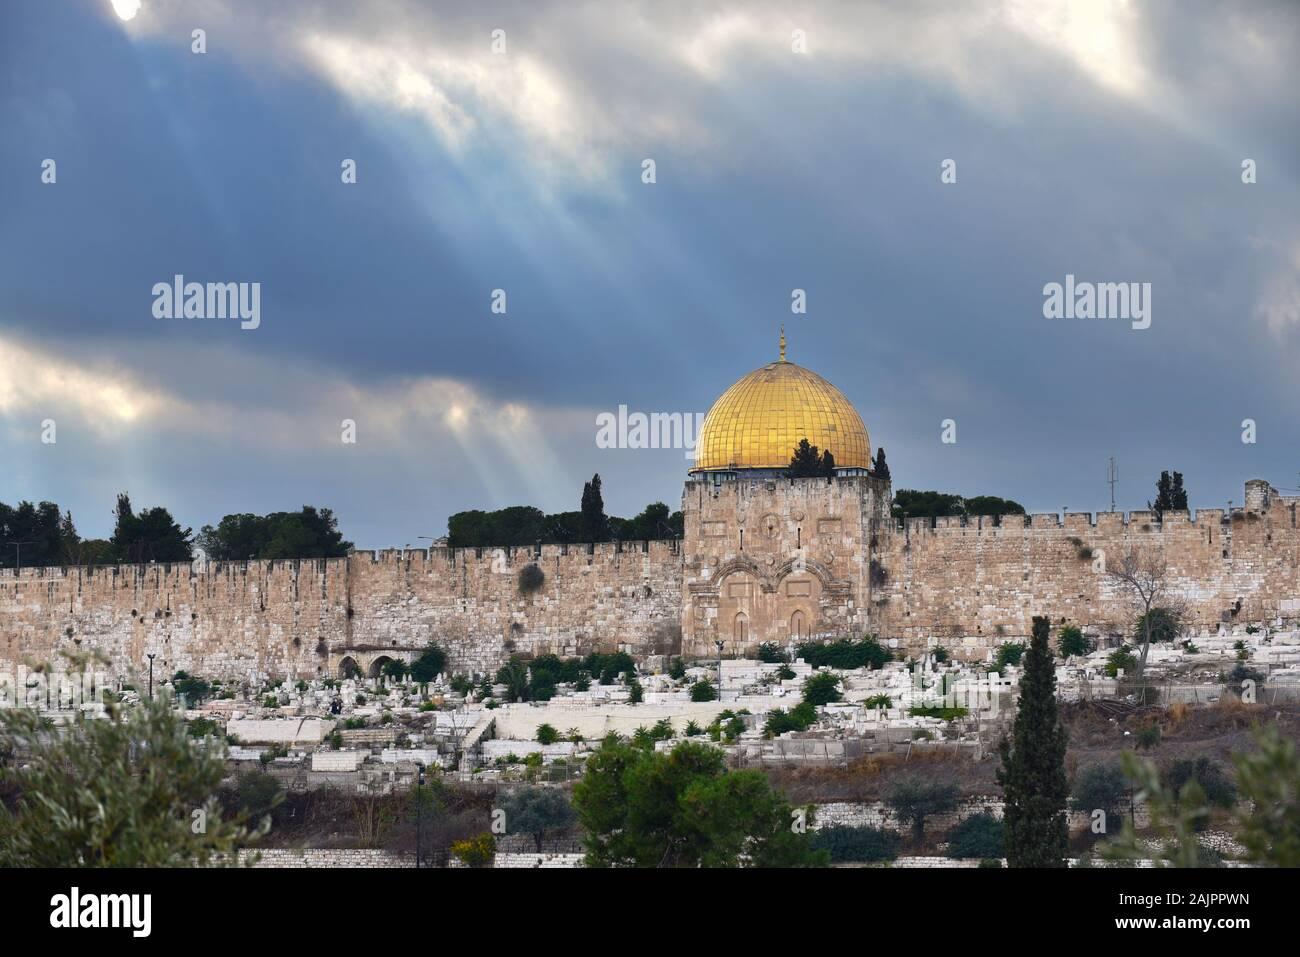 Golden Gate y cúpula dorada dos santos religieus hitos de Jerusalén capturada en una imagen. Foto de stock